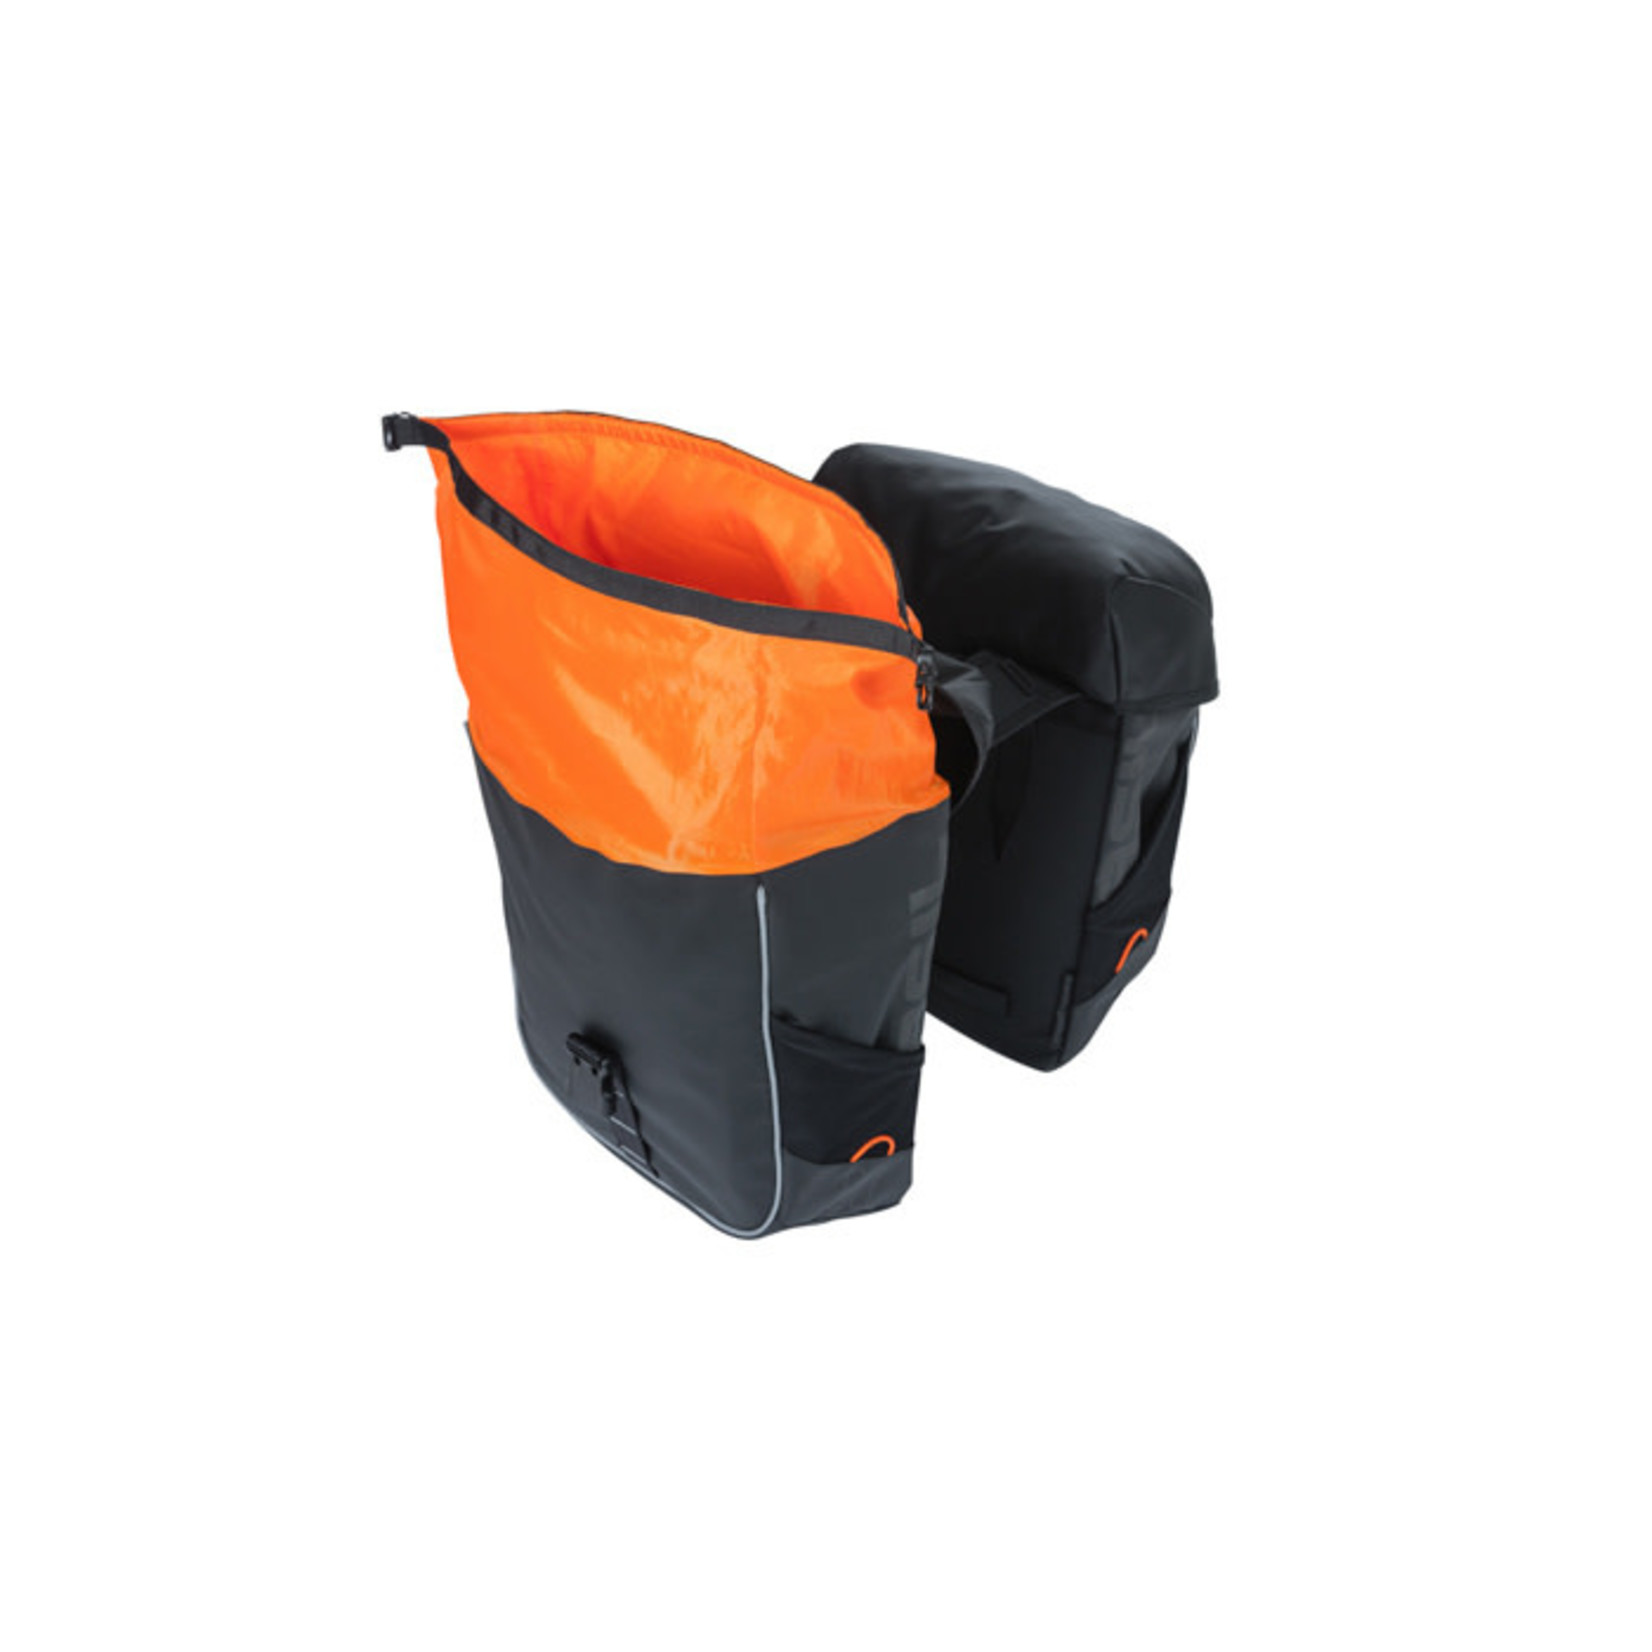 Basil Miles MIK Pannier 34L - Orange/Black